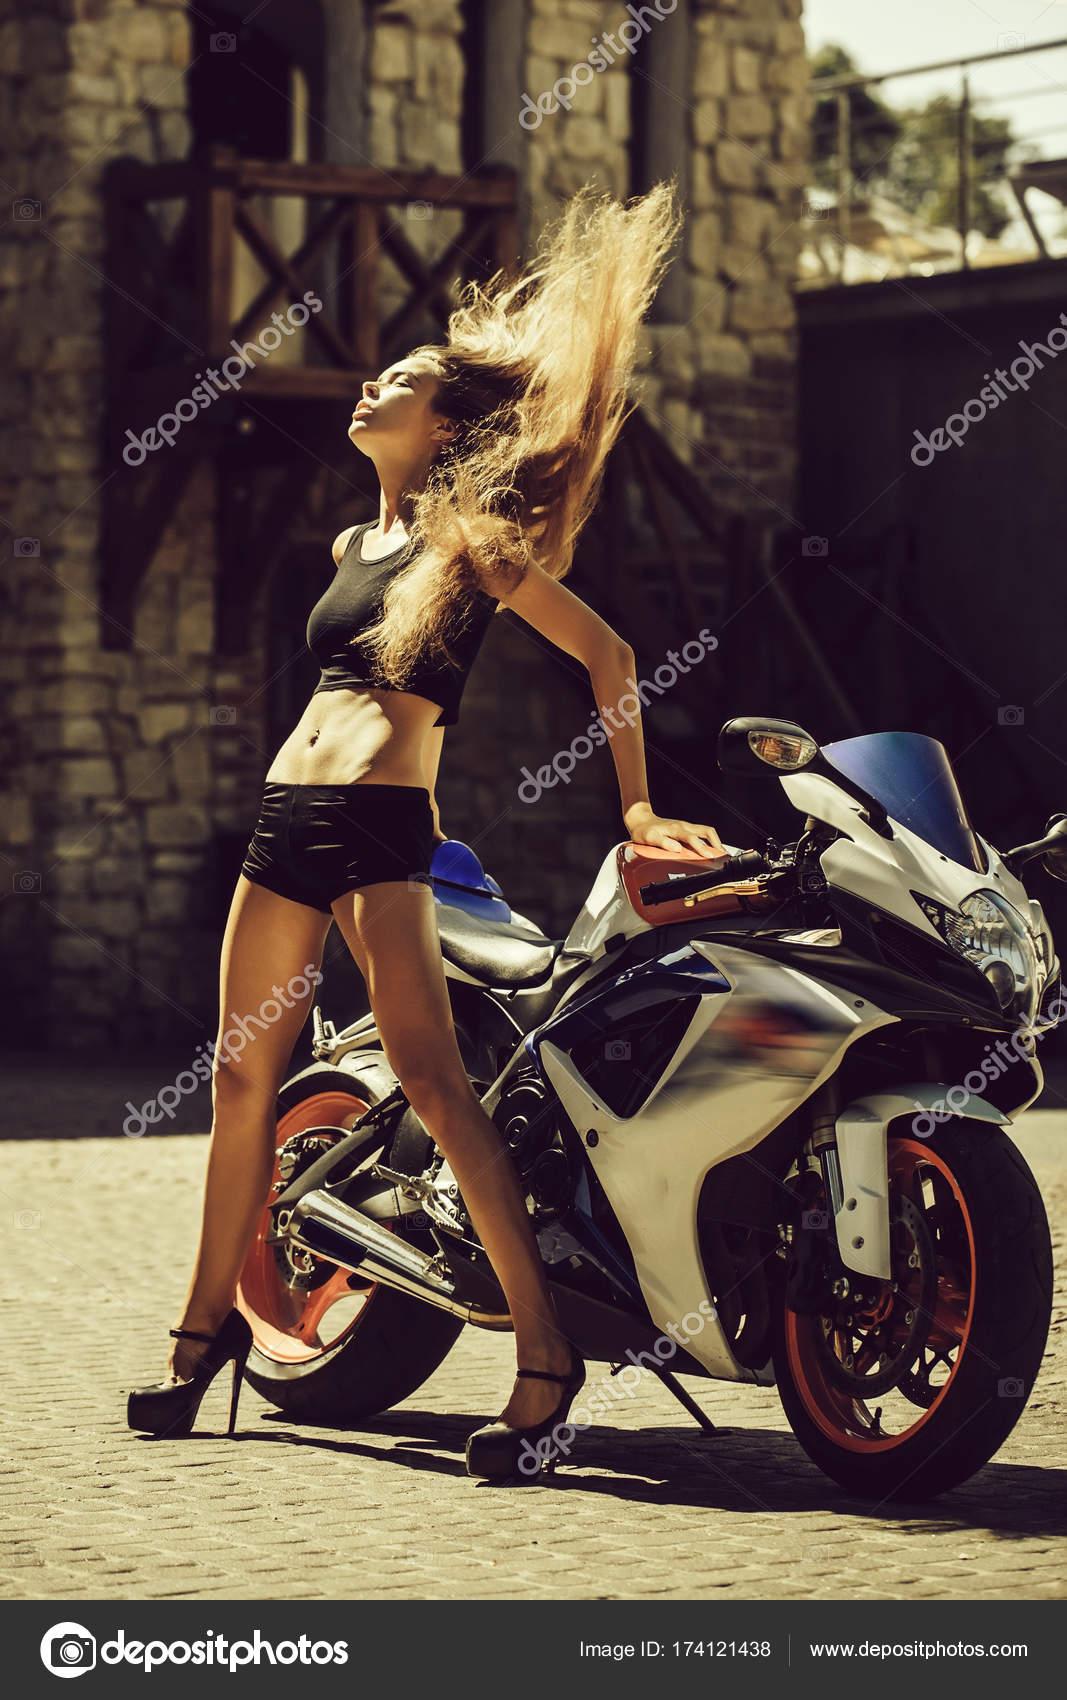 Брюнетка в черных шортиках и мотоцикл картинка — pic 9